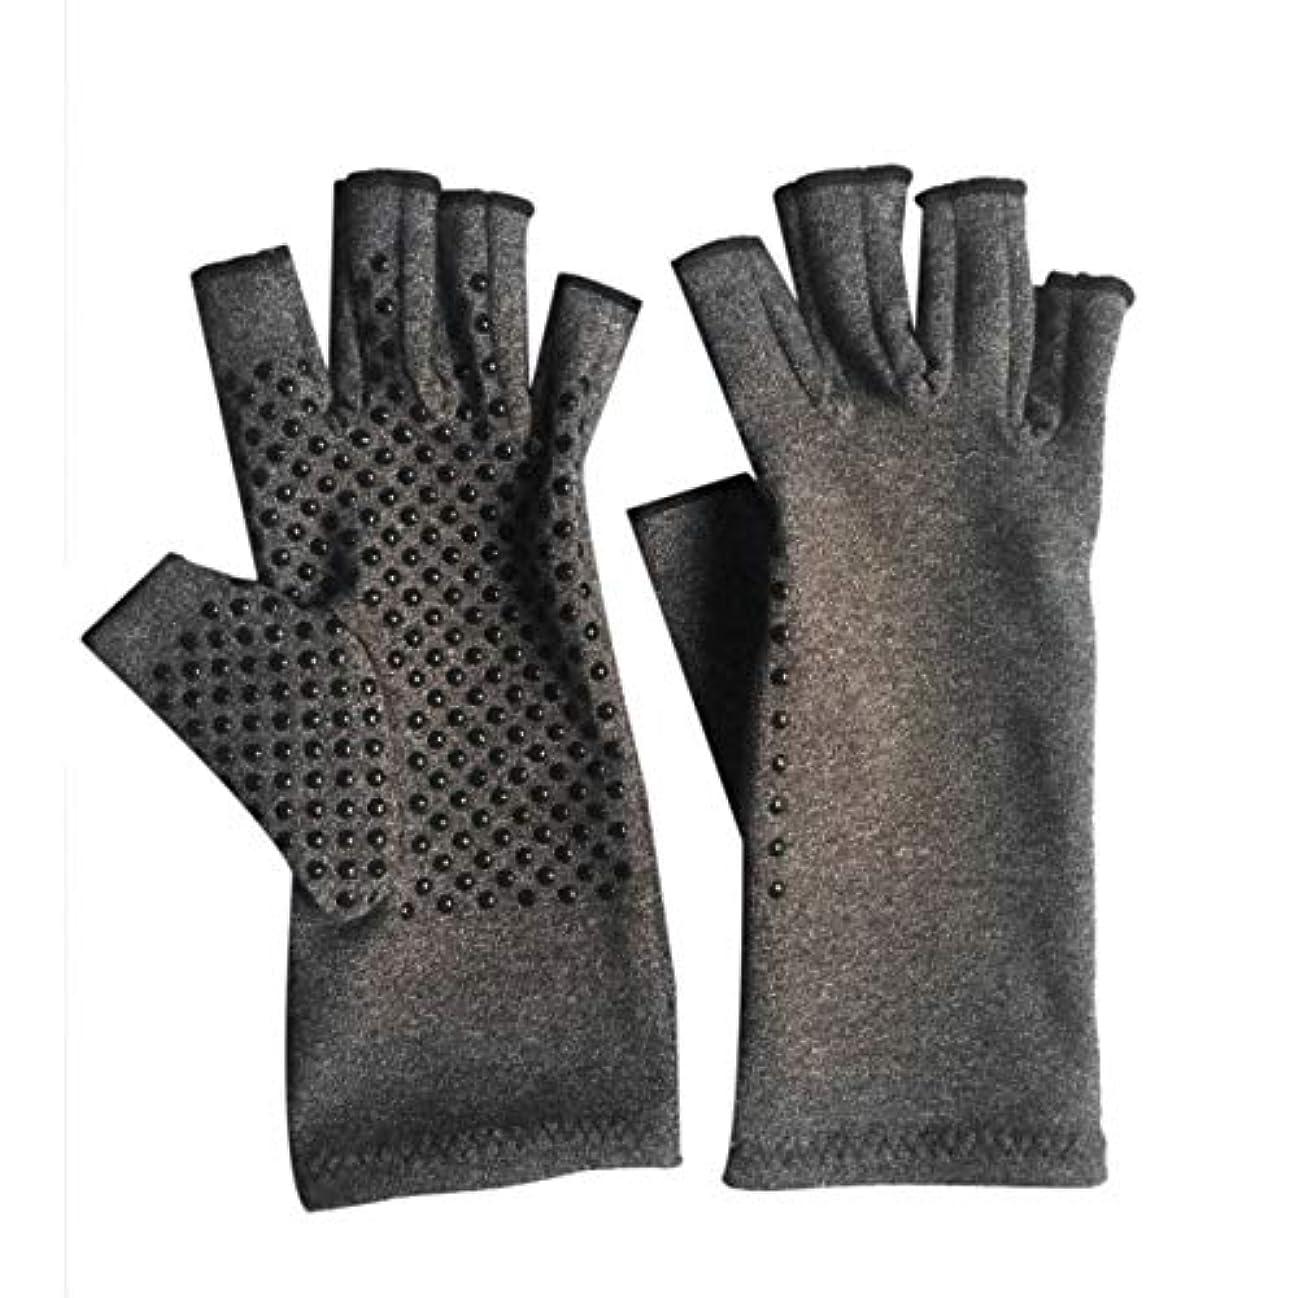 突破口延ばす壮大な1ペアユニセックス男性女性療法圧縮手袋関節炎関節痛緩和ヘルスケア半指手袋トレーニング手袋 - グレーM